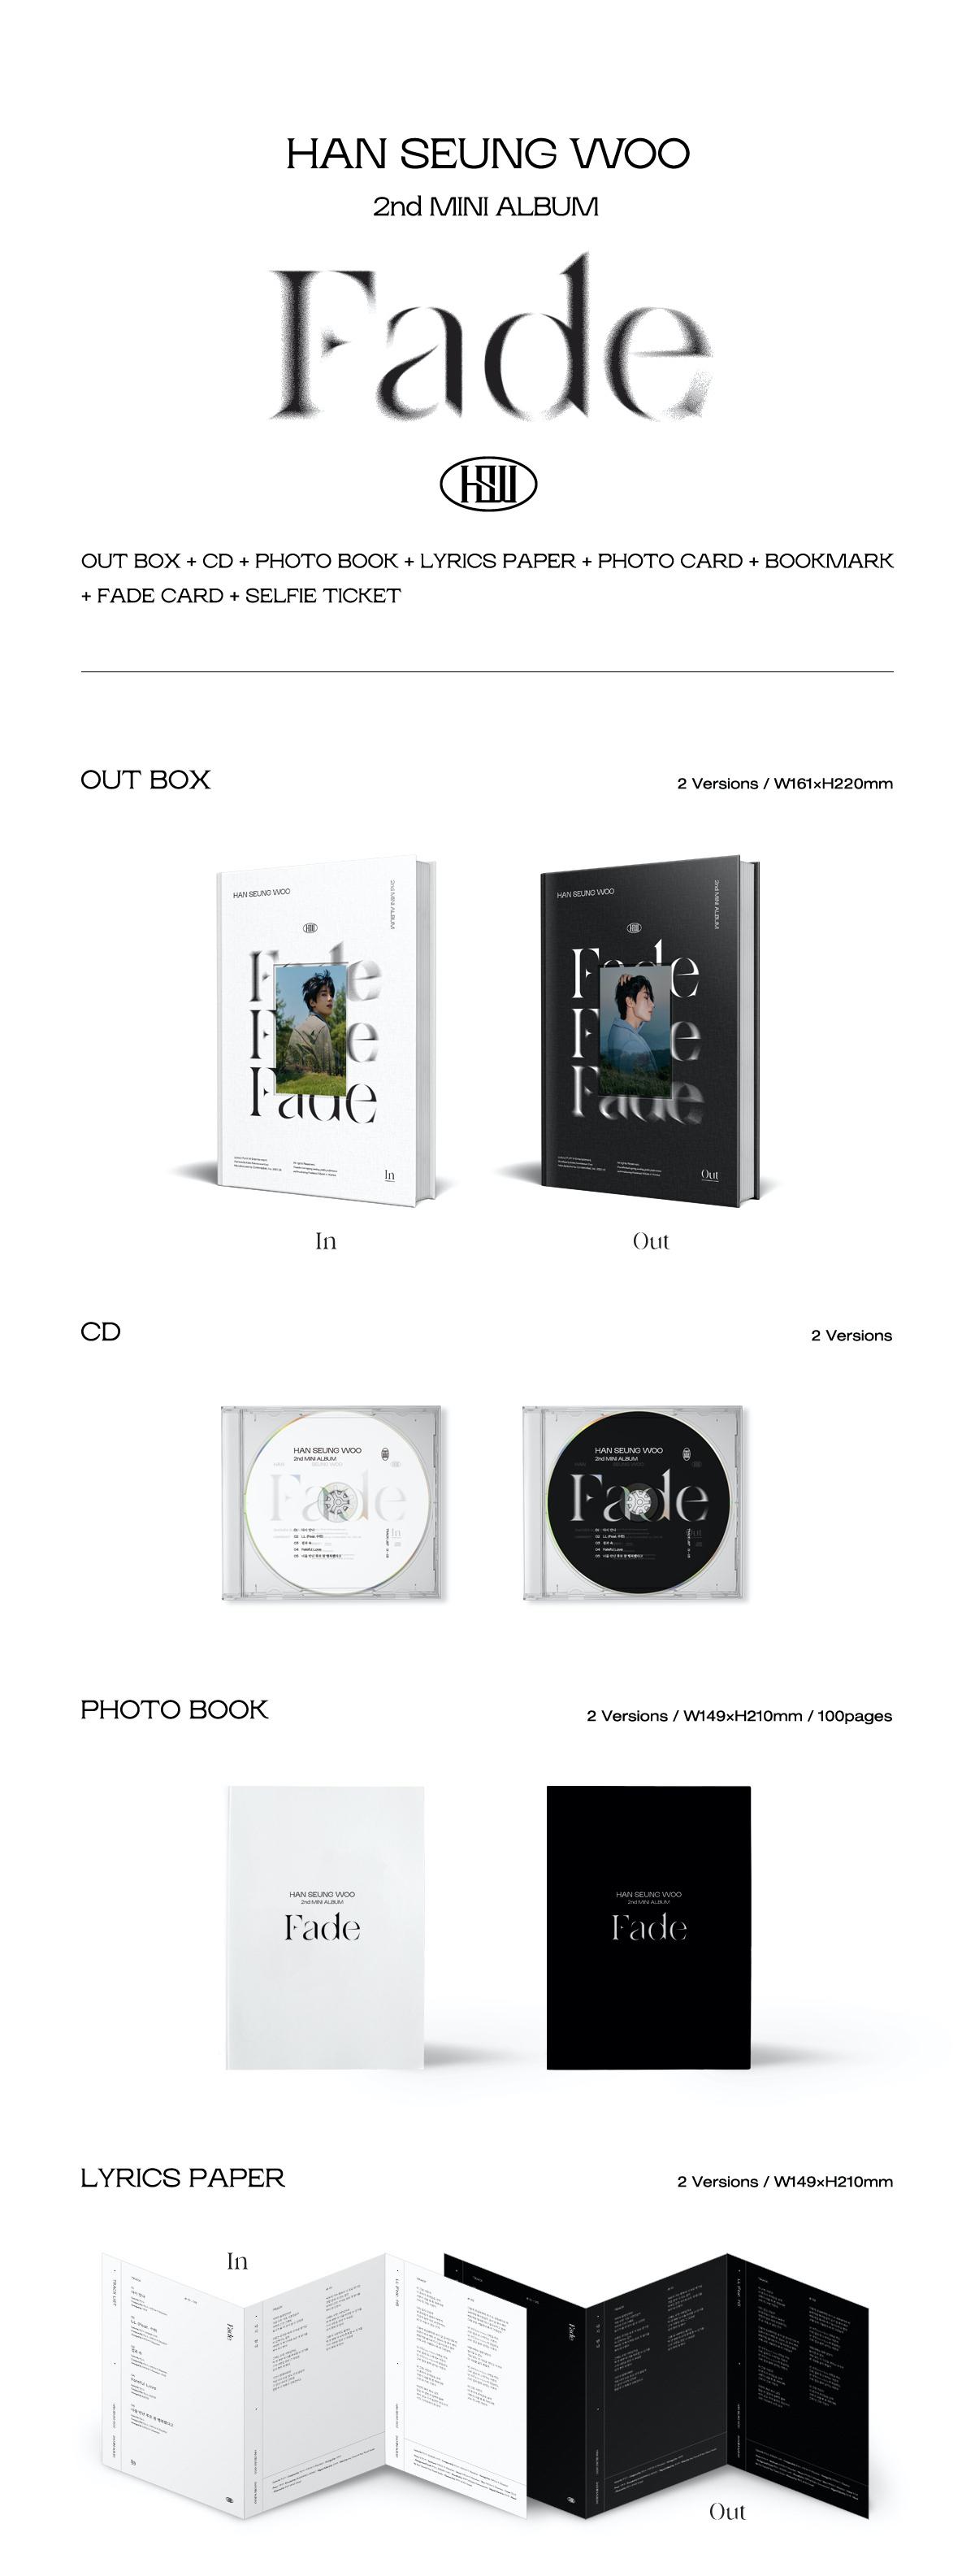 【6月30日開催/1部/1枚購入用】ハン・スンウ 2nd Mini Album [Fade]【オンライン握手会抽選対象】